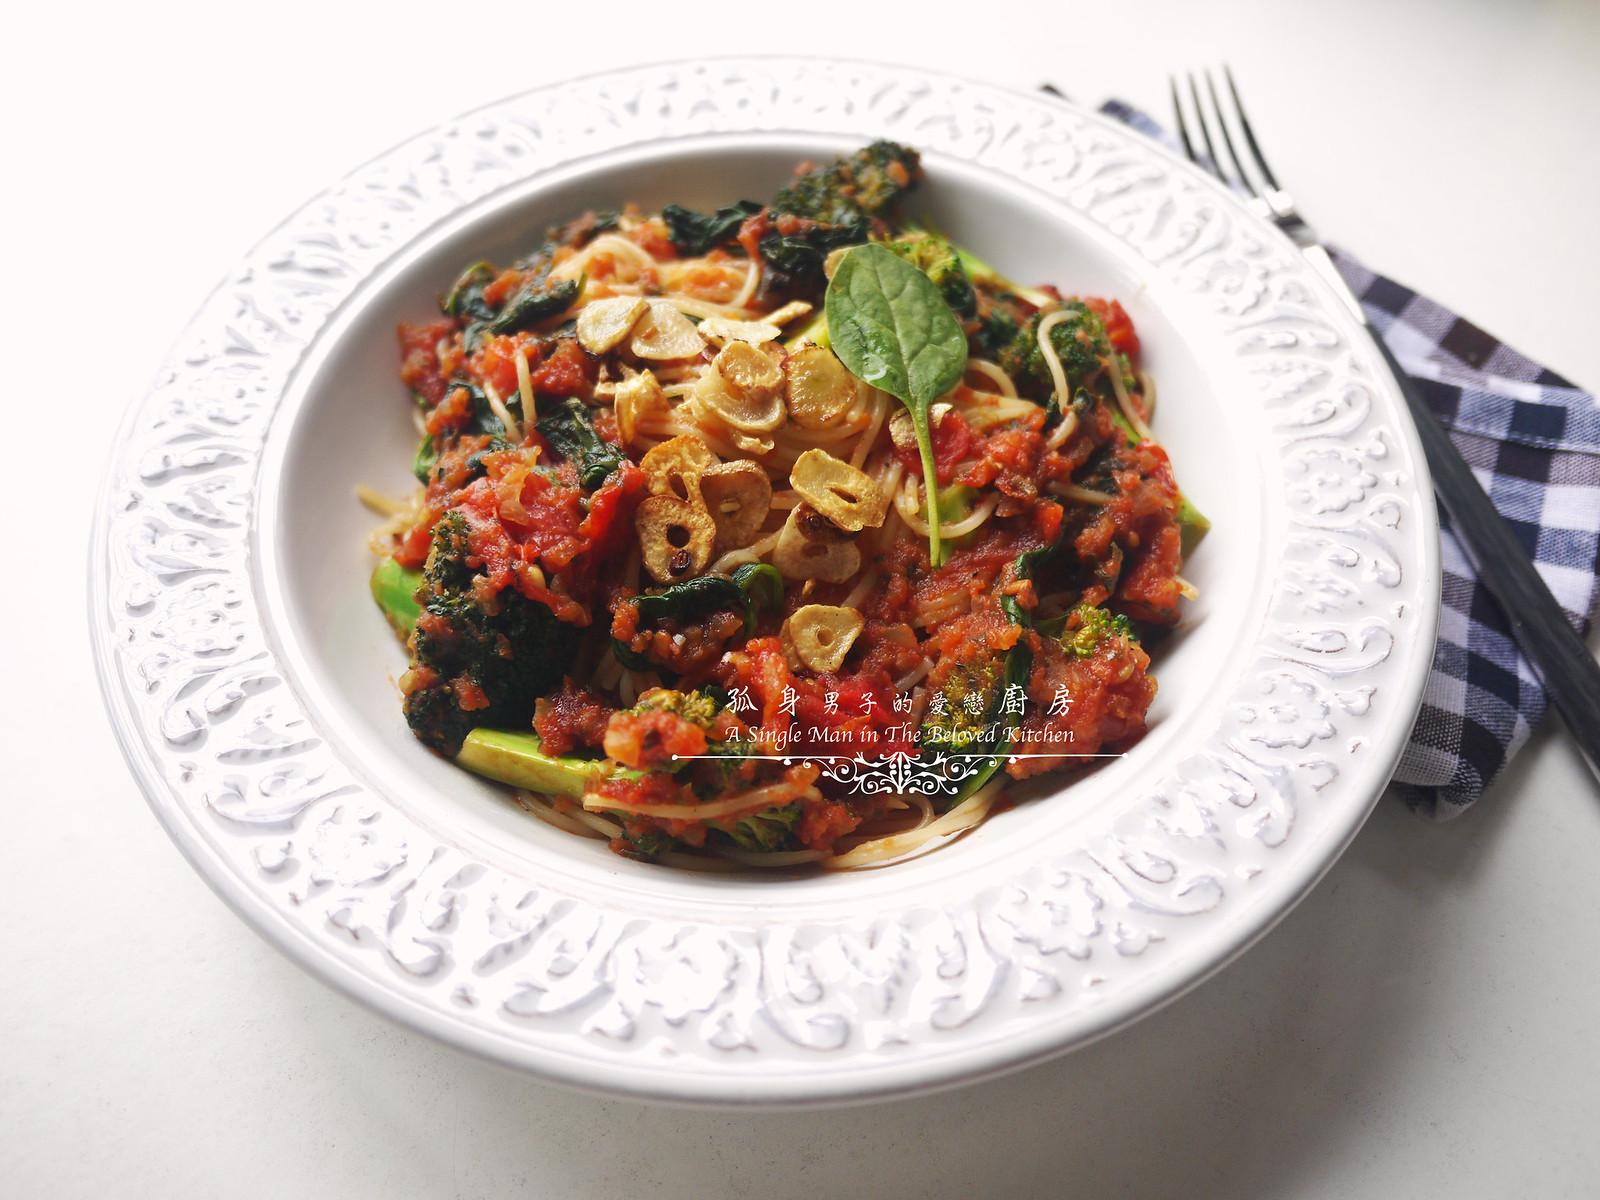 孤身廚房-義大利茄汁紅醬罐頭--自己的紅醬罐頭自己做。不求人40